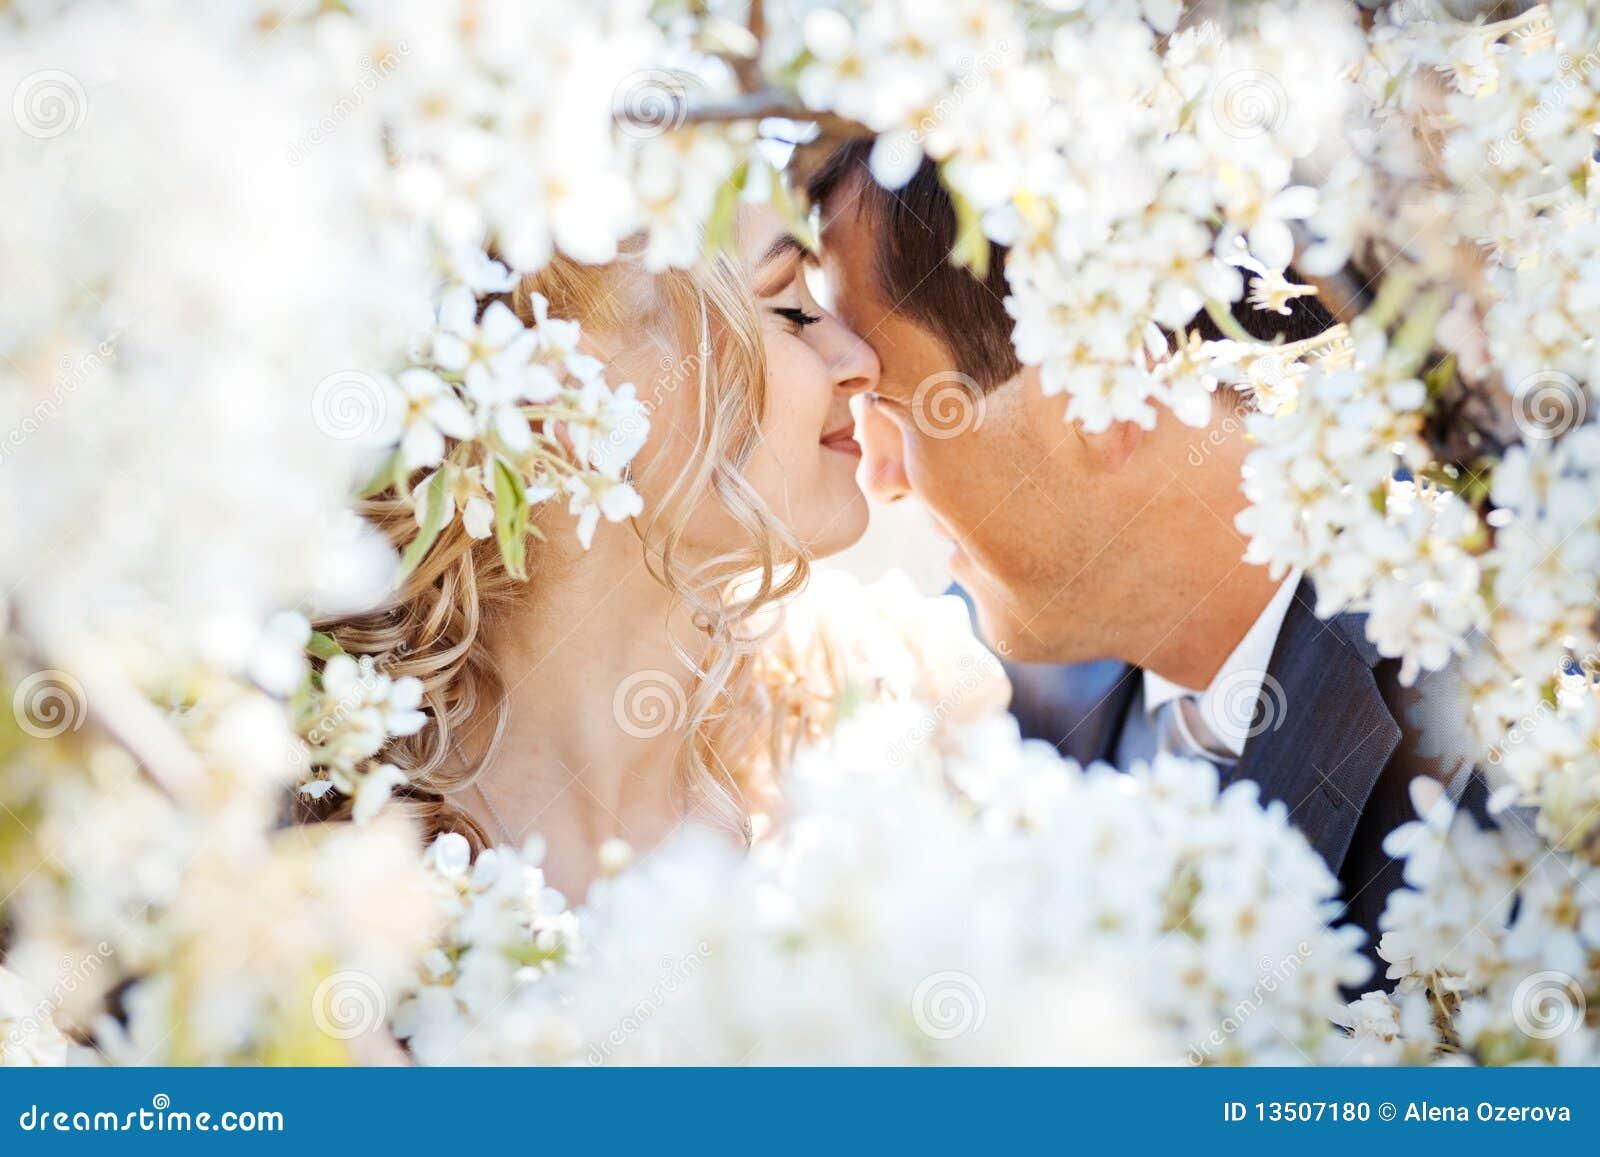 Фото как целуются крупным планом 1 фотография